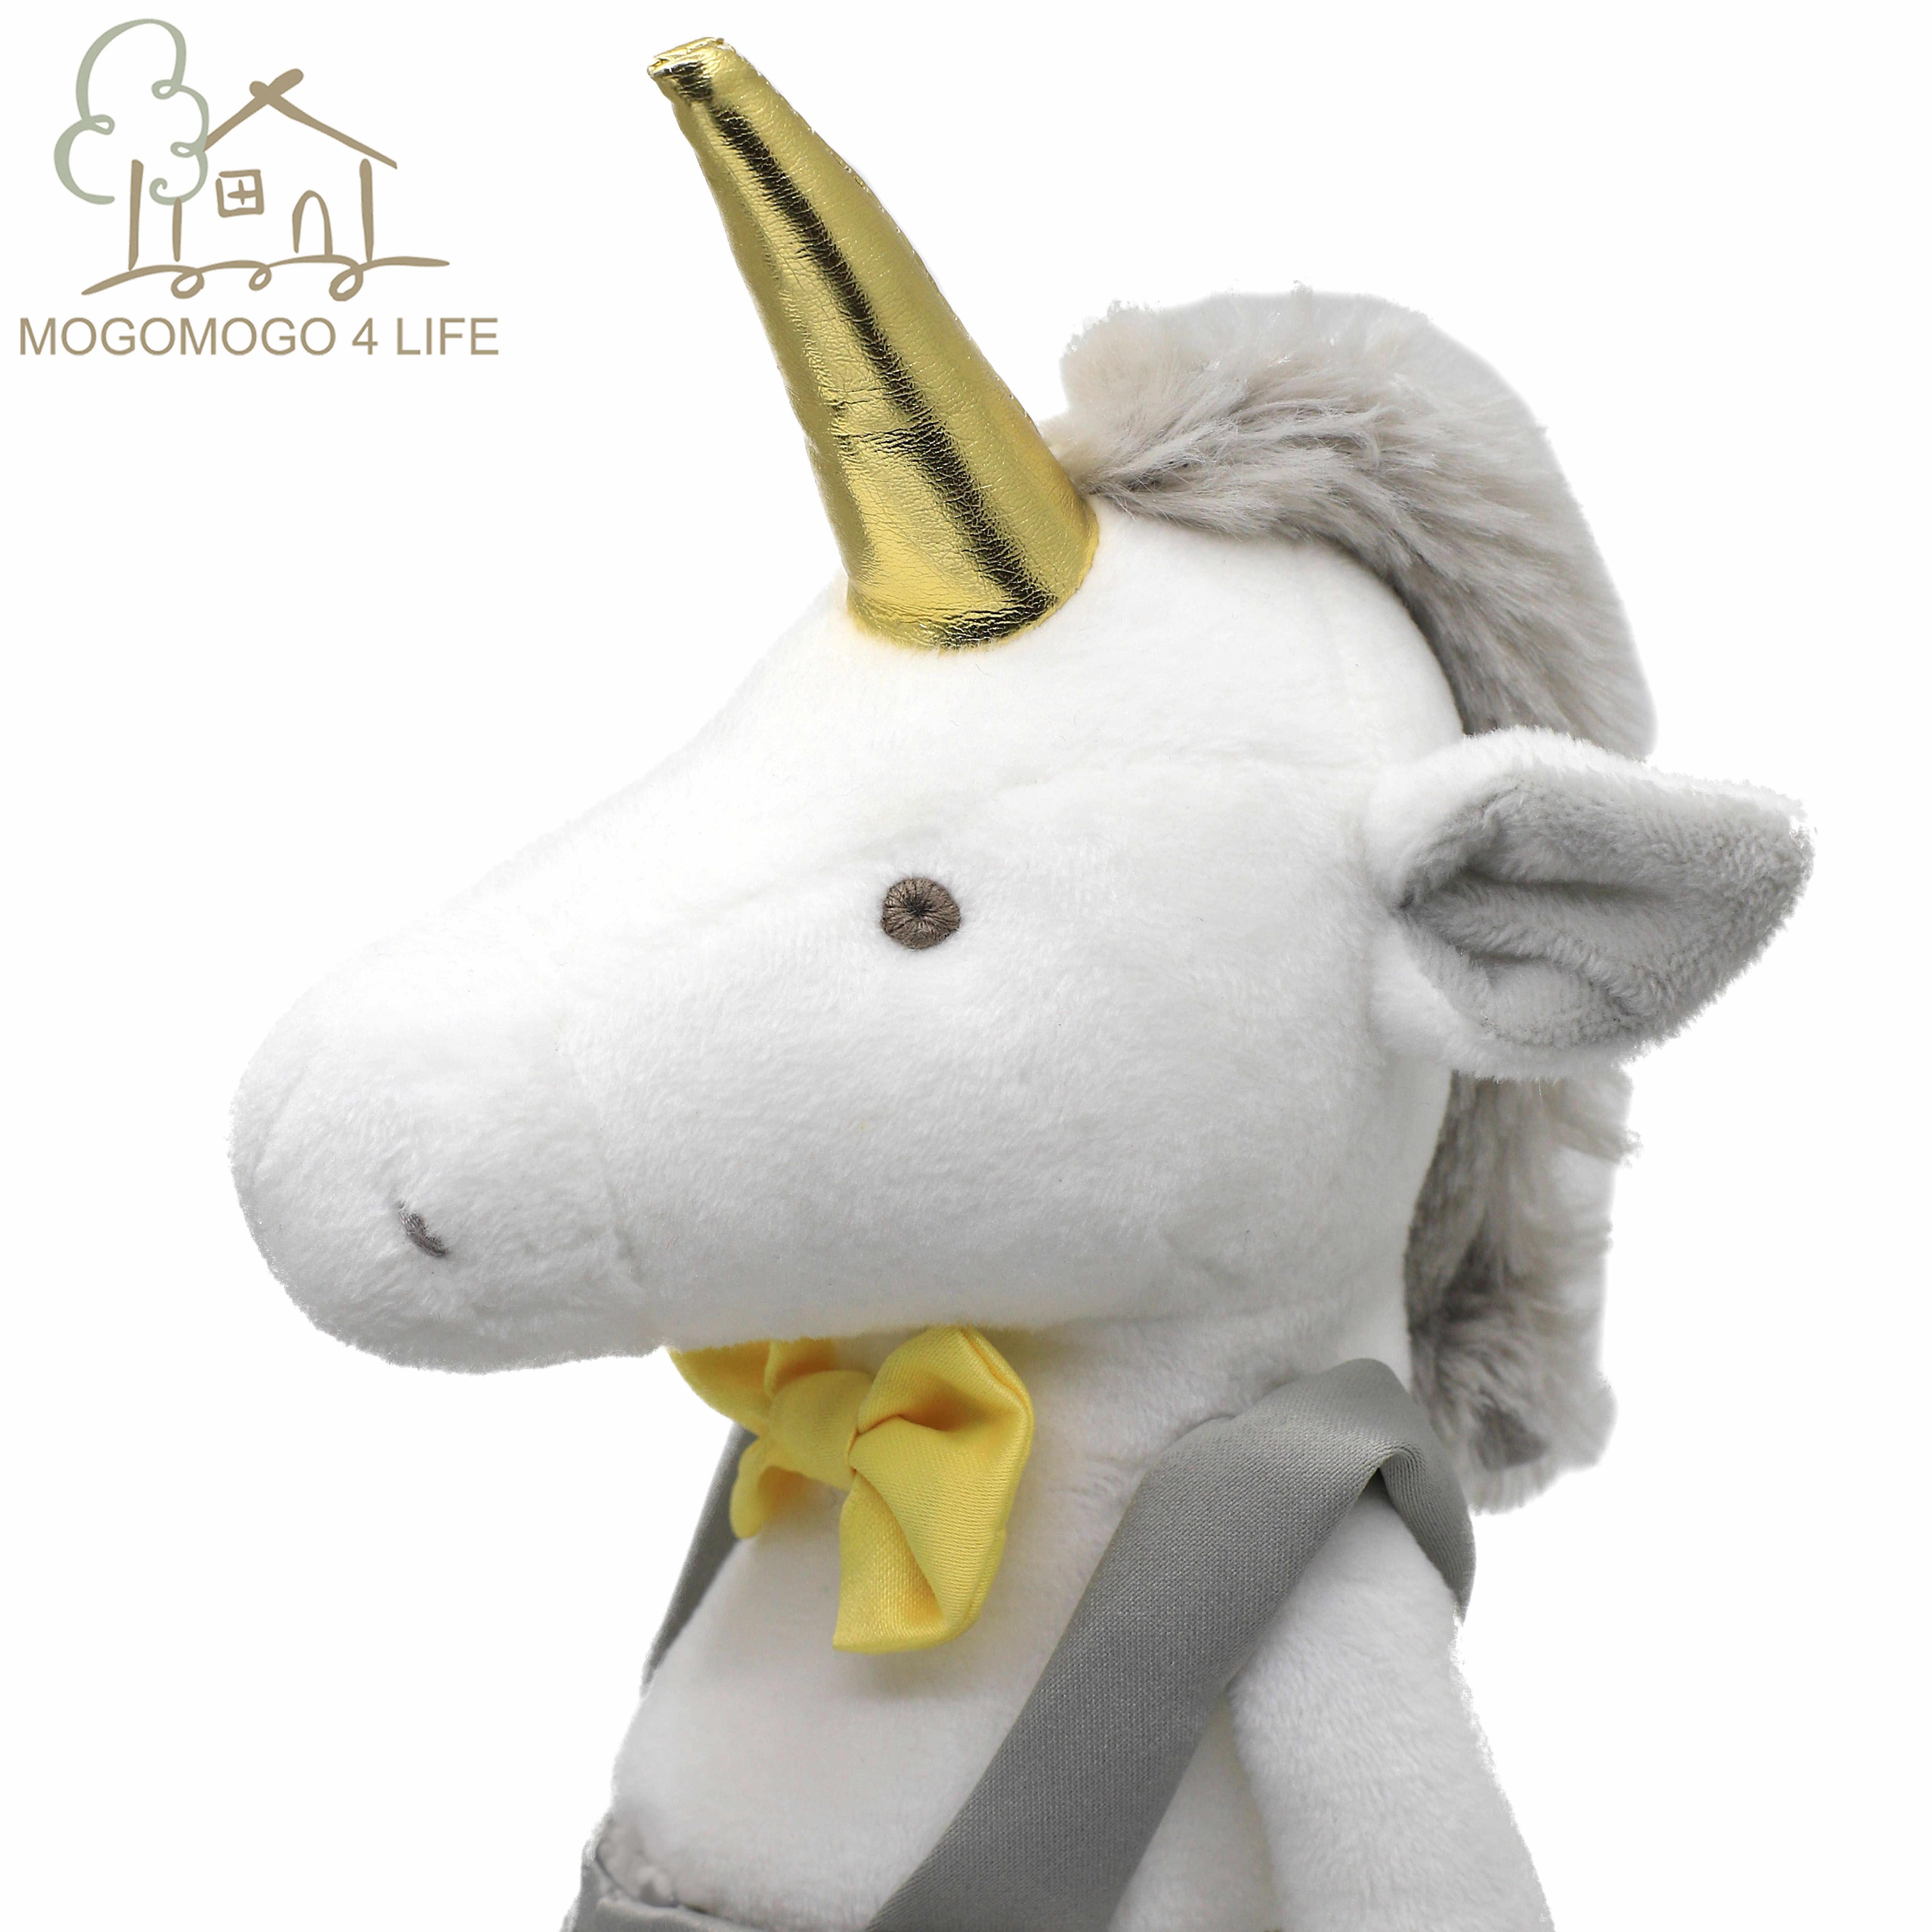 Luksusowy jednorożec chłopiec pluszowe zabawki ze strojem moda nadziewane Licorne lalka dla dzieci prezent Handmade koń lalka ze złotym rogiem